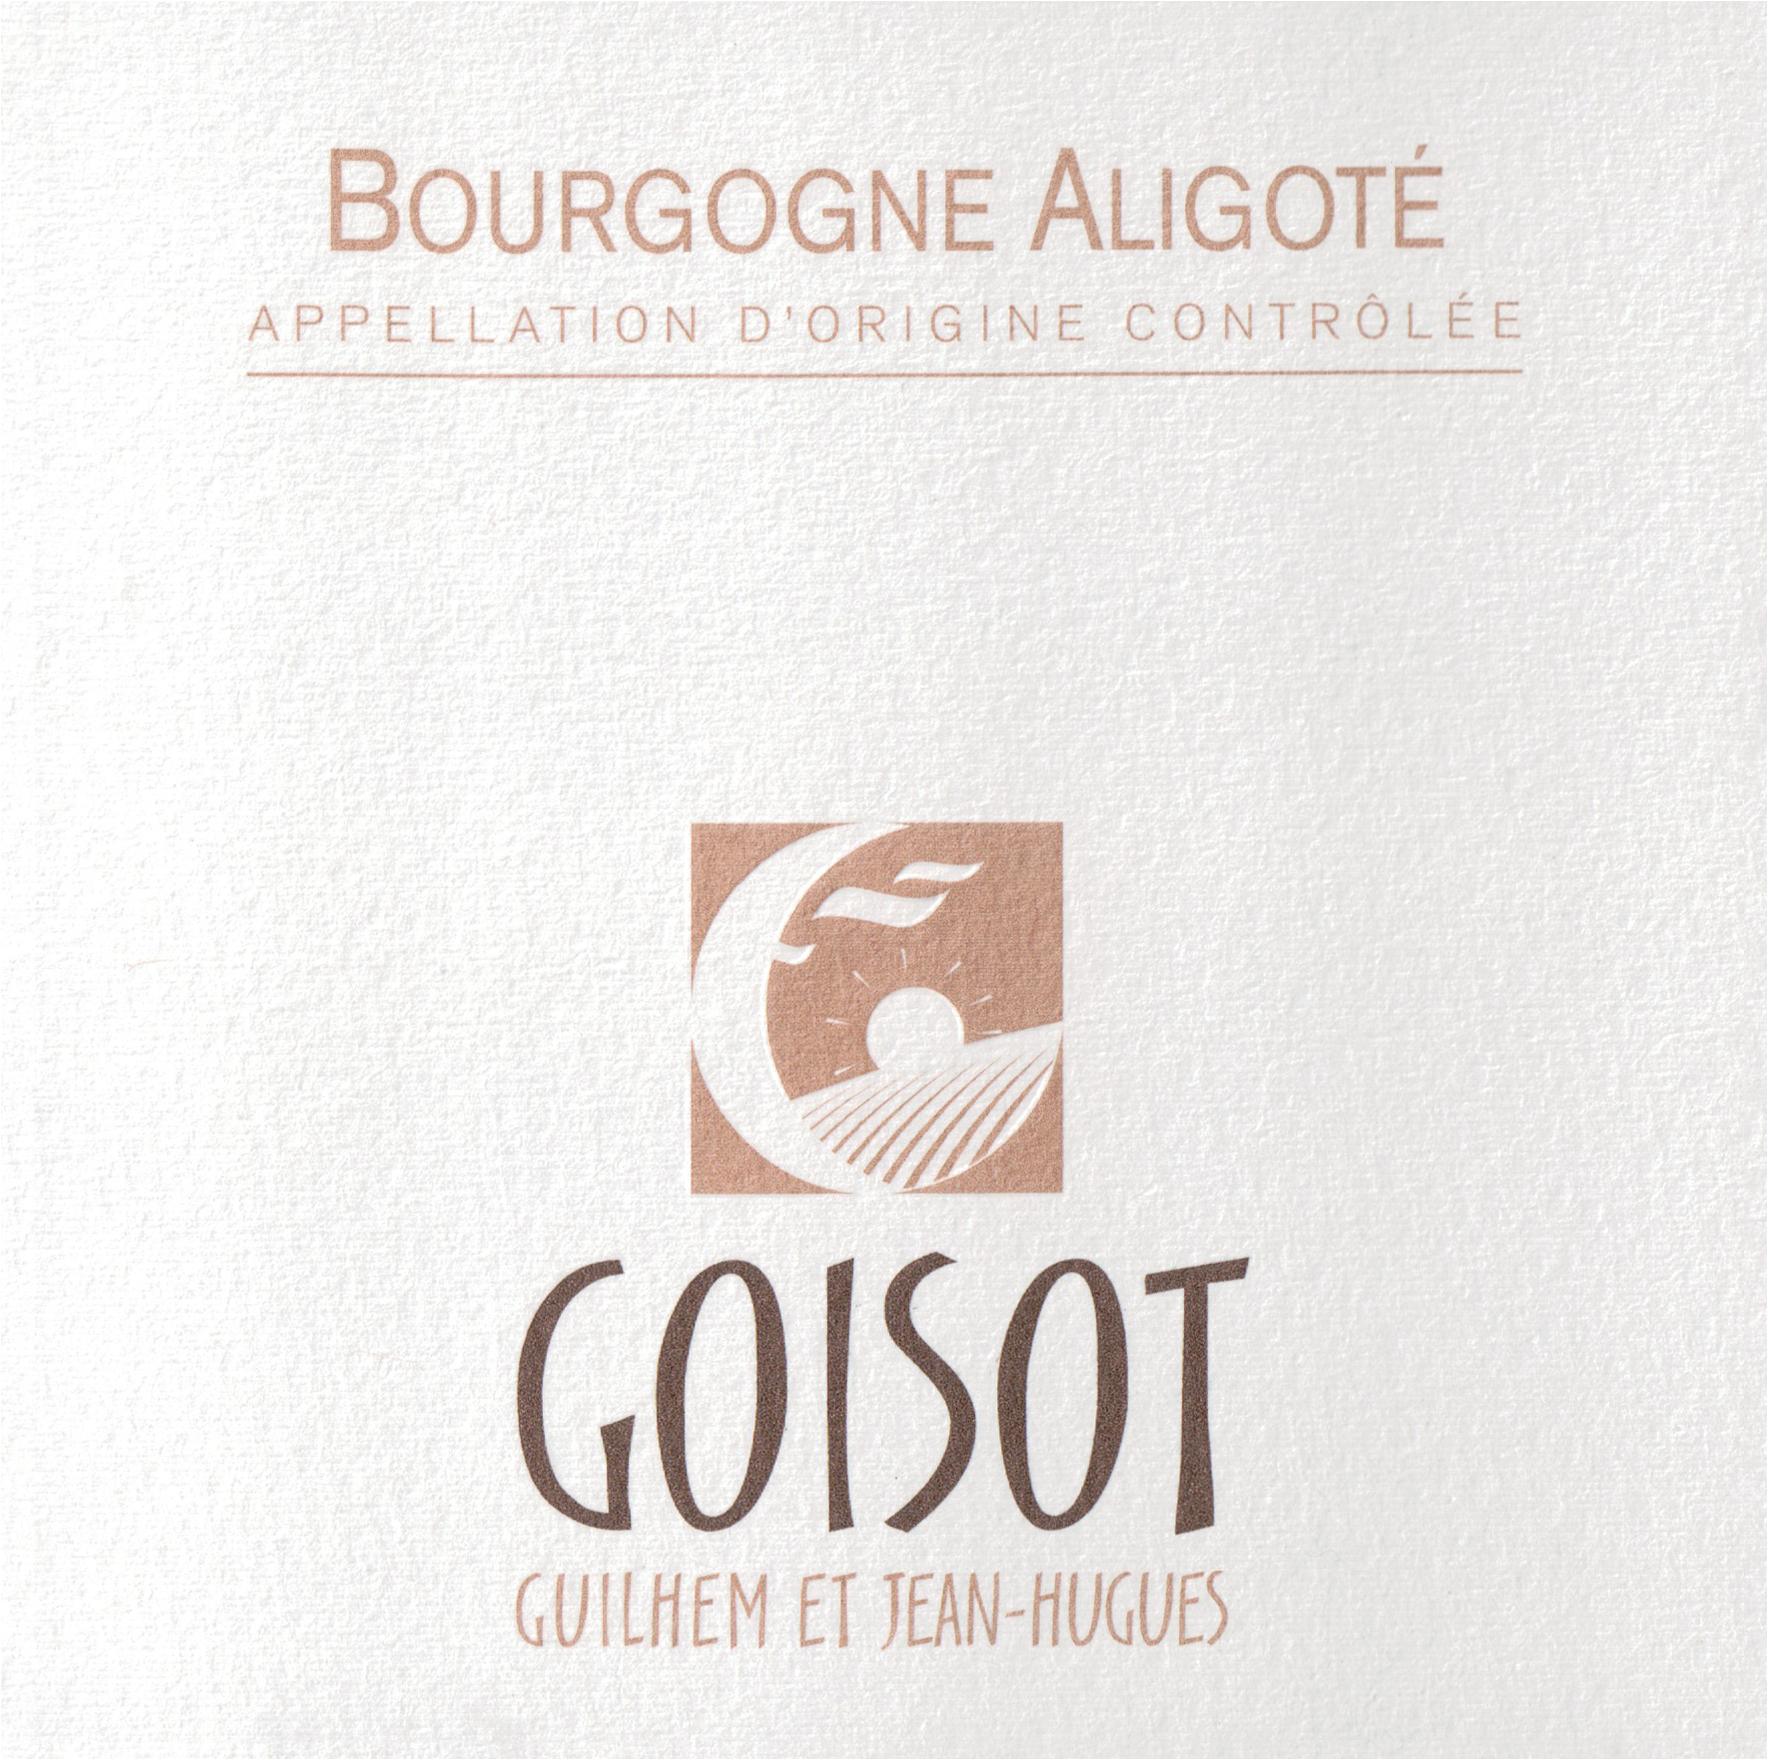 Goisot Bourgogne Aligote 2018